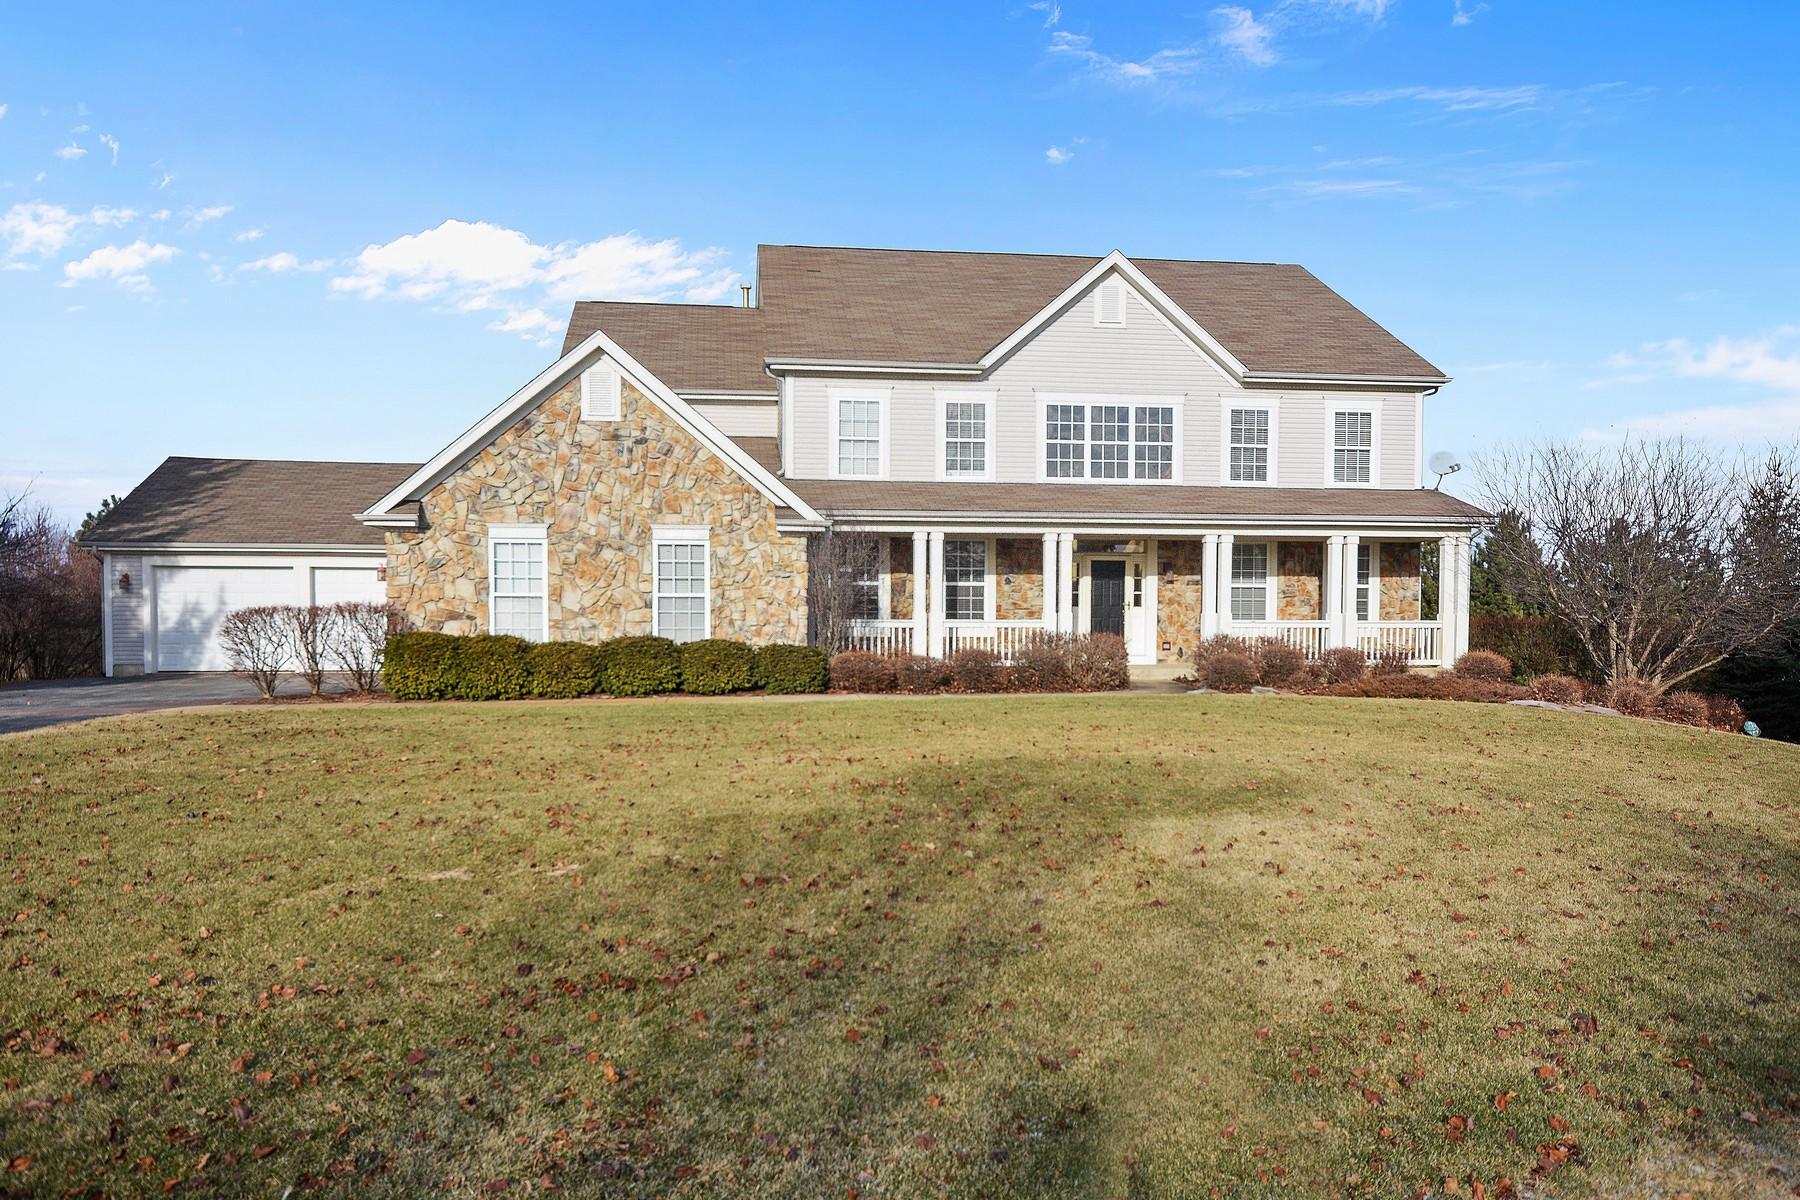 Tek Ailelik Ev için Satış at Fabulous Home on over an Acre 37W130 Baker Hill Court St. Charles, Illinois, 60175 Amerika Birleşik Devletleri